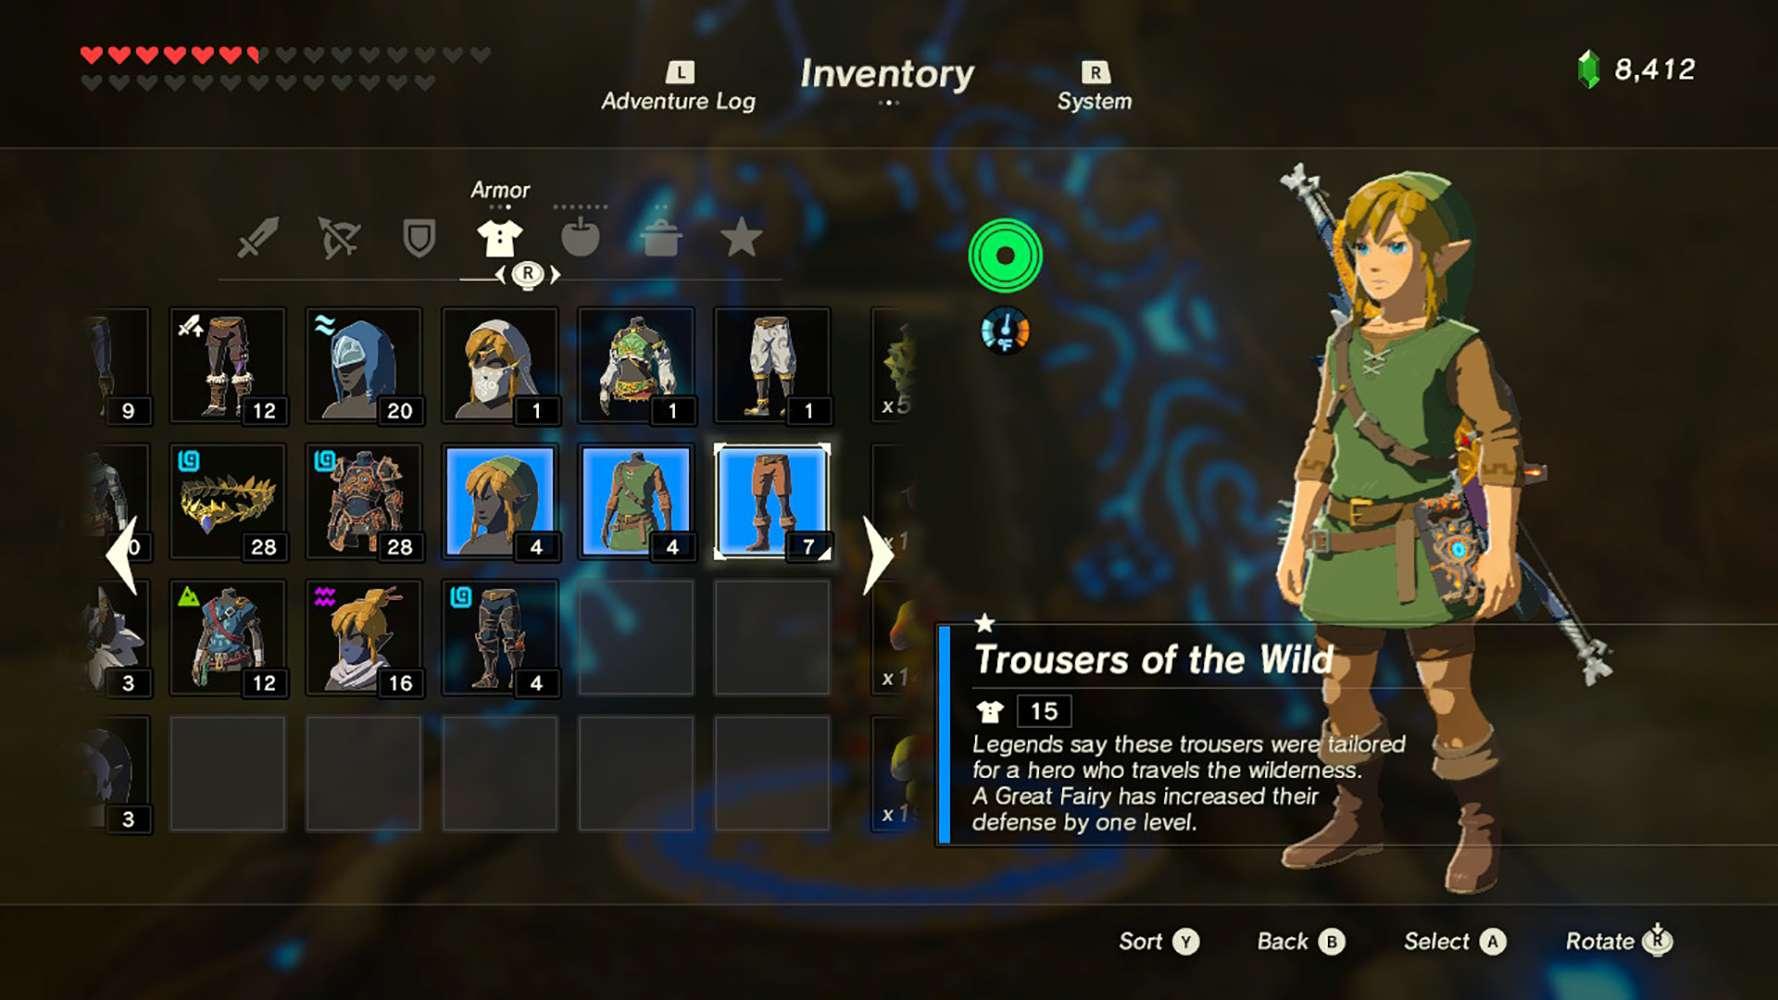 Screenshot of the classic armor in Zelda: BOTW